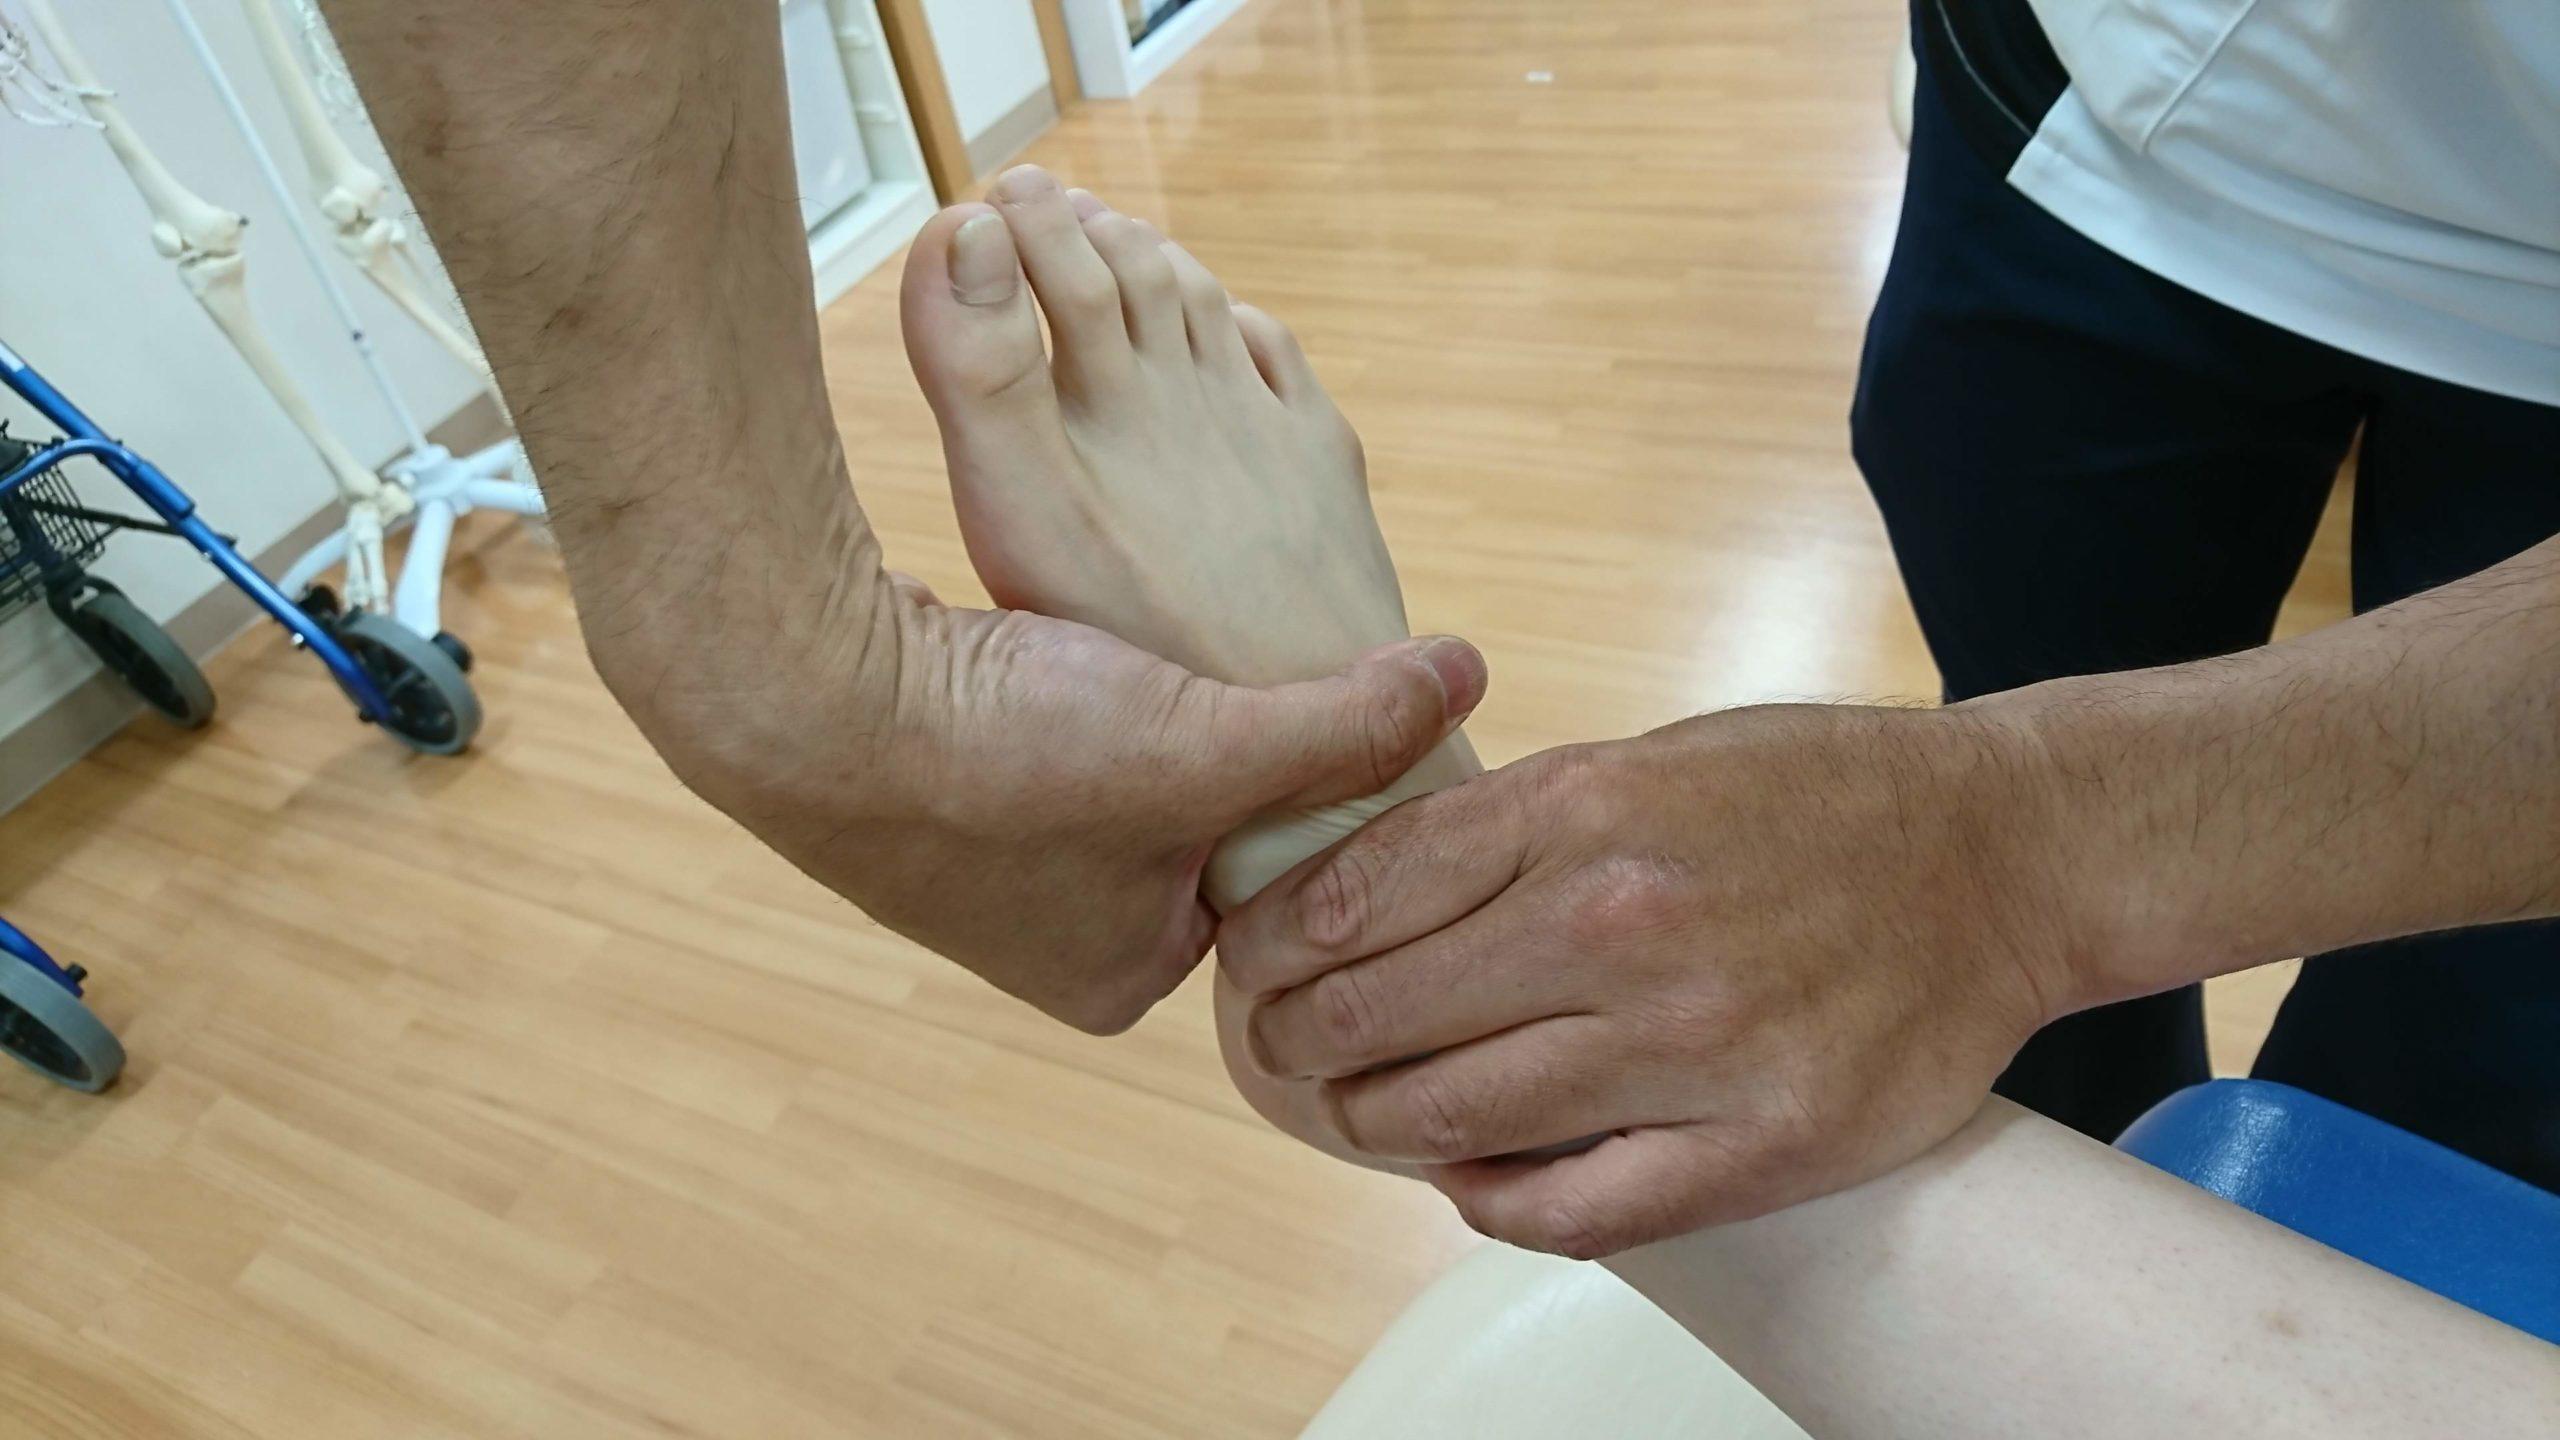 足部のアライメント評価